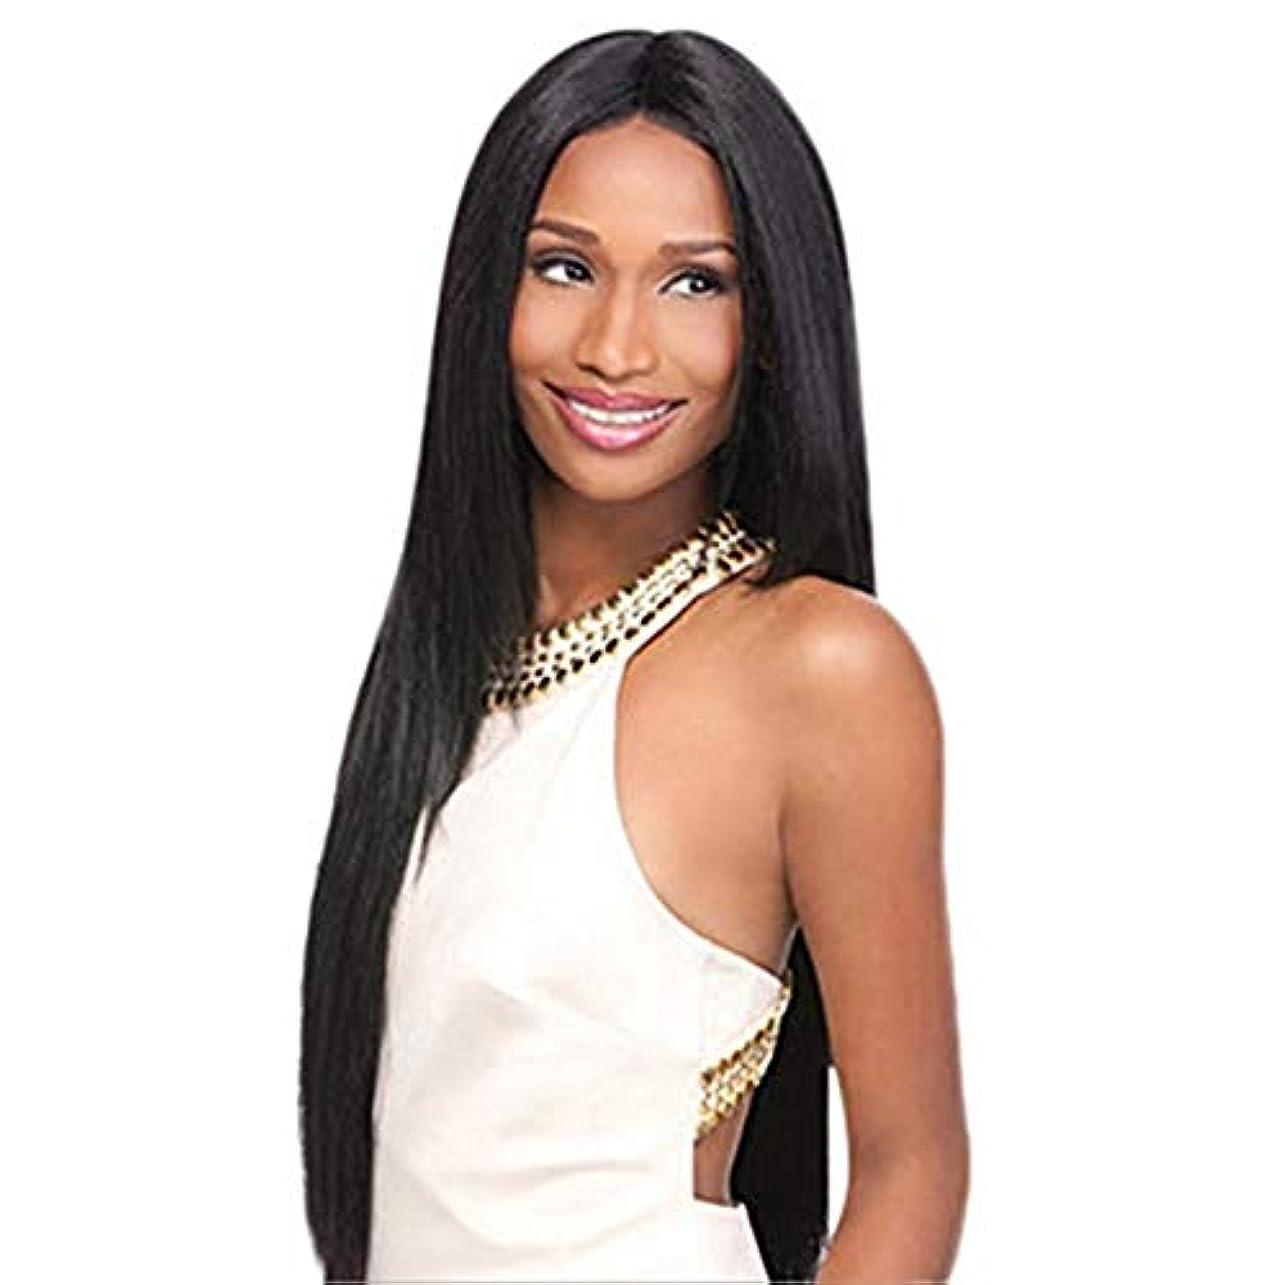 イサカ埋め込む認知完全なかつら80CMをしている女性の黒い長いストレートの髪のかつらの役割